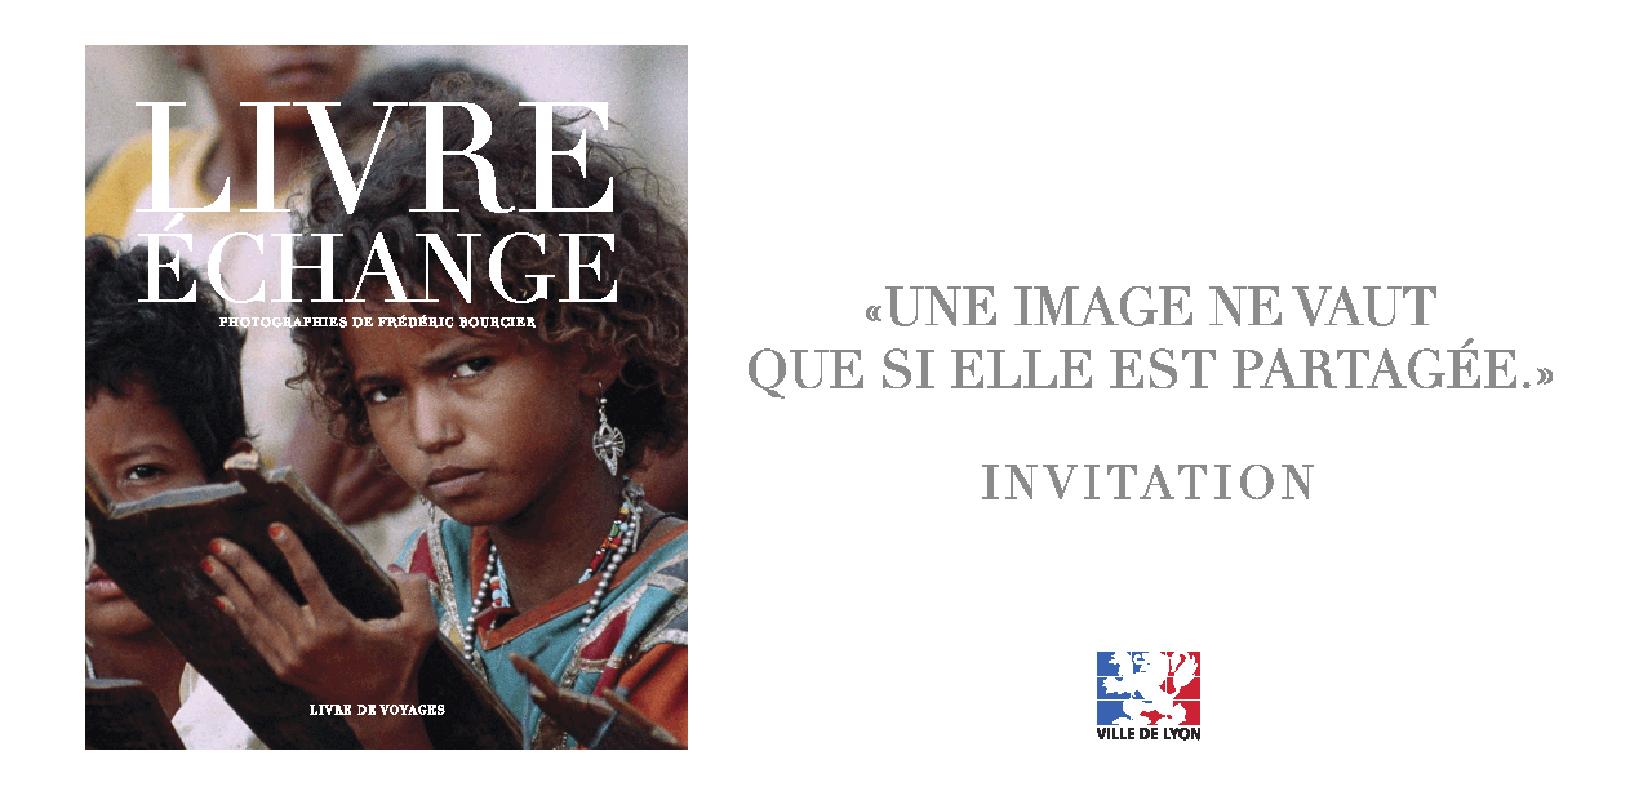 frederic bourcier photographe reportage livre echange exposition lyon 2004